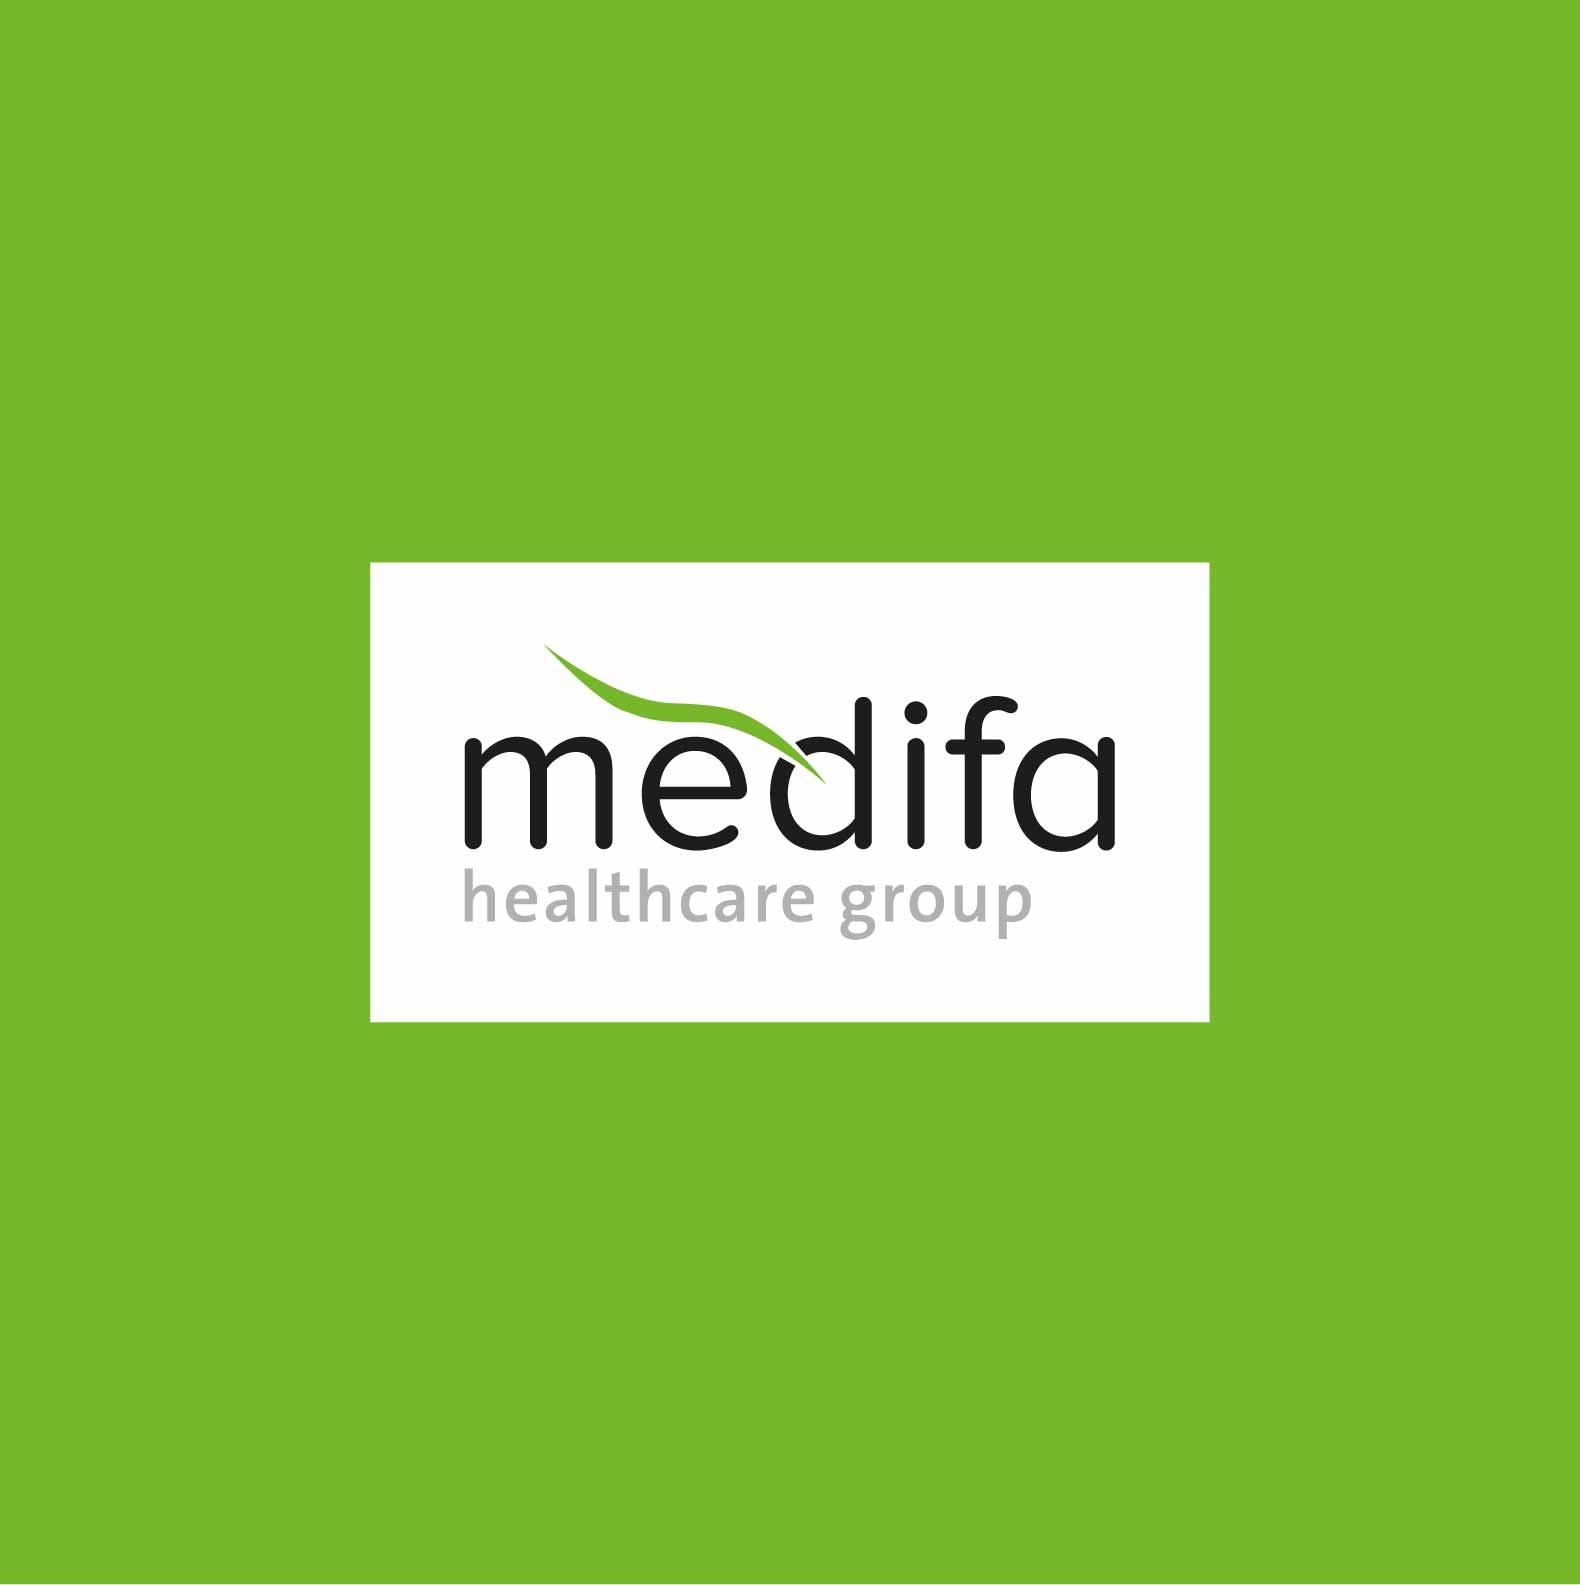 medifa_hcg-01